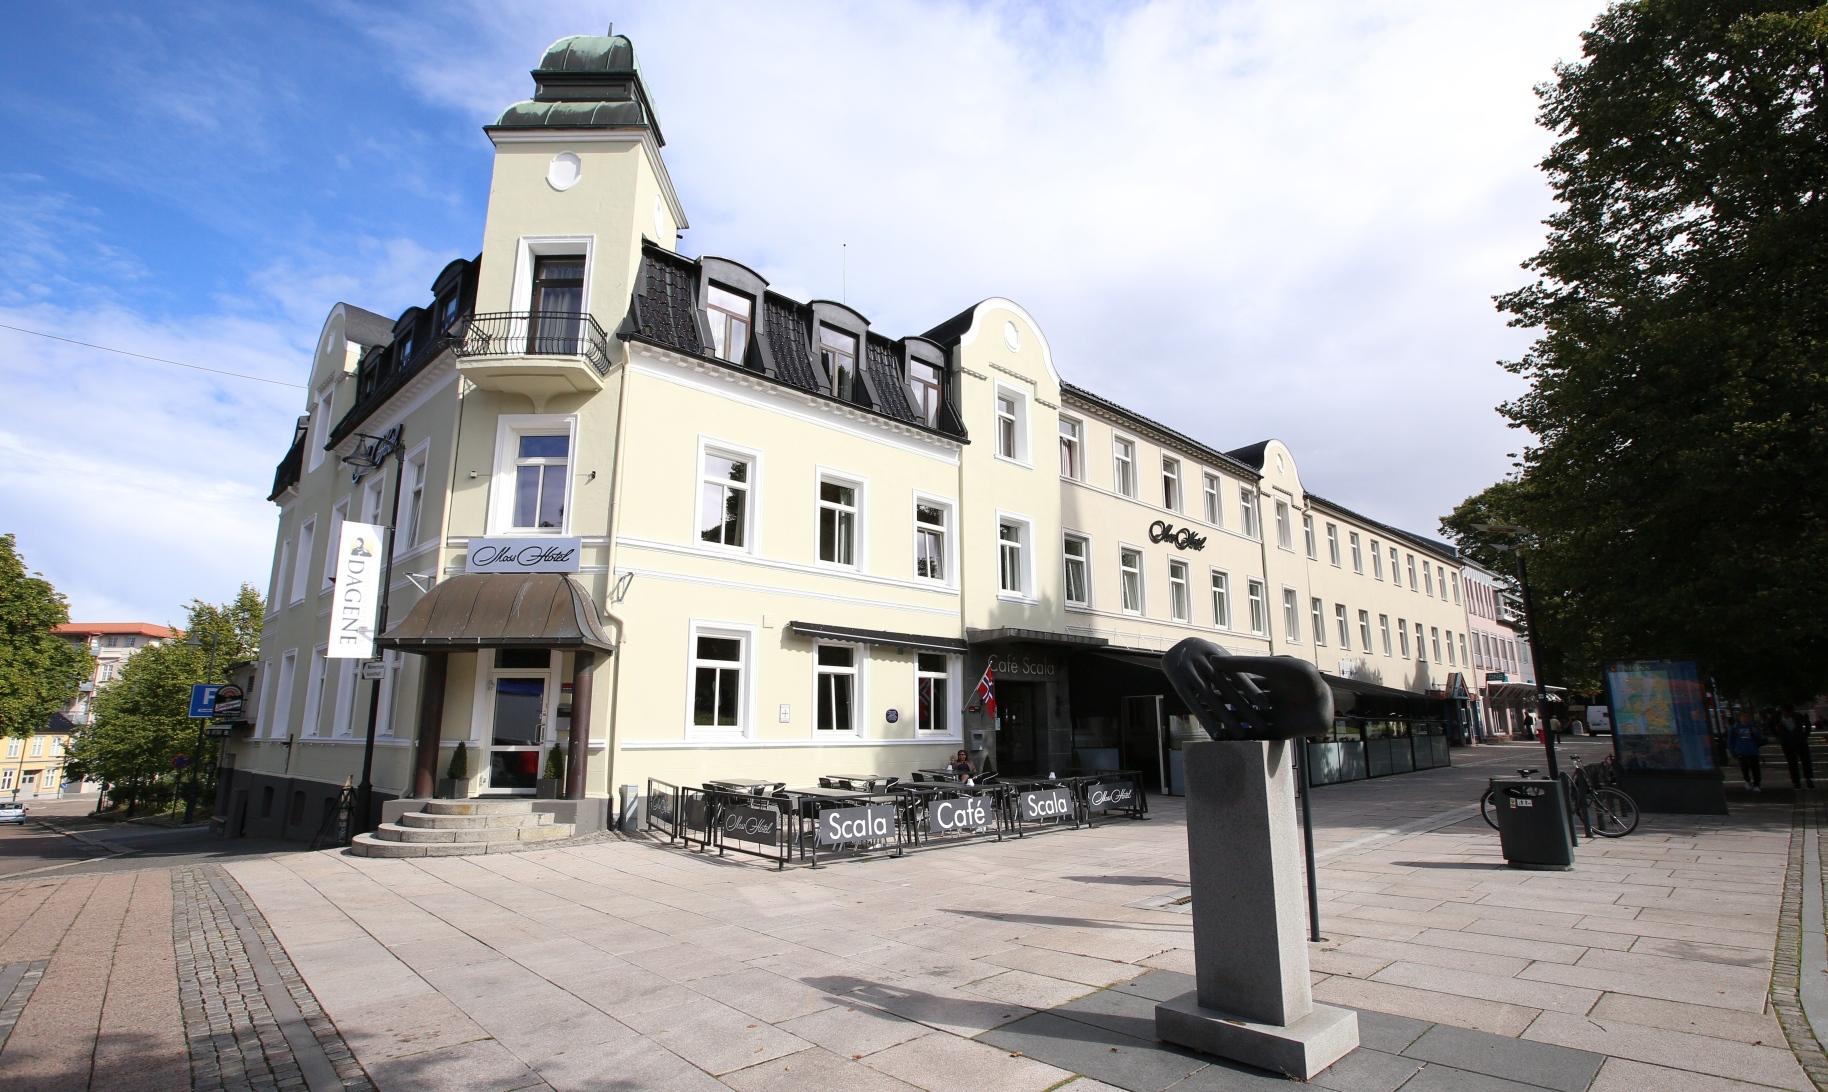 UTSATT FOR HÆRVERK: